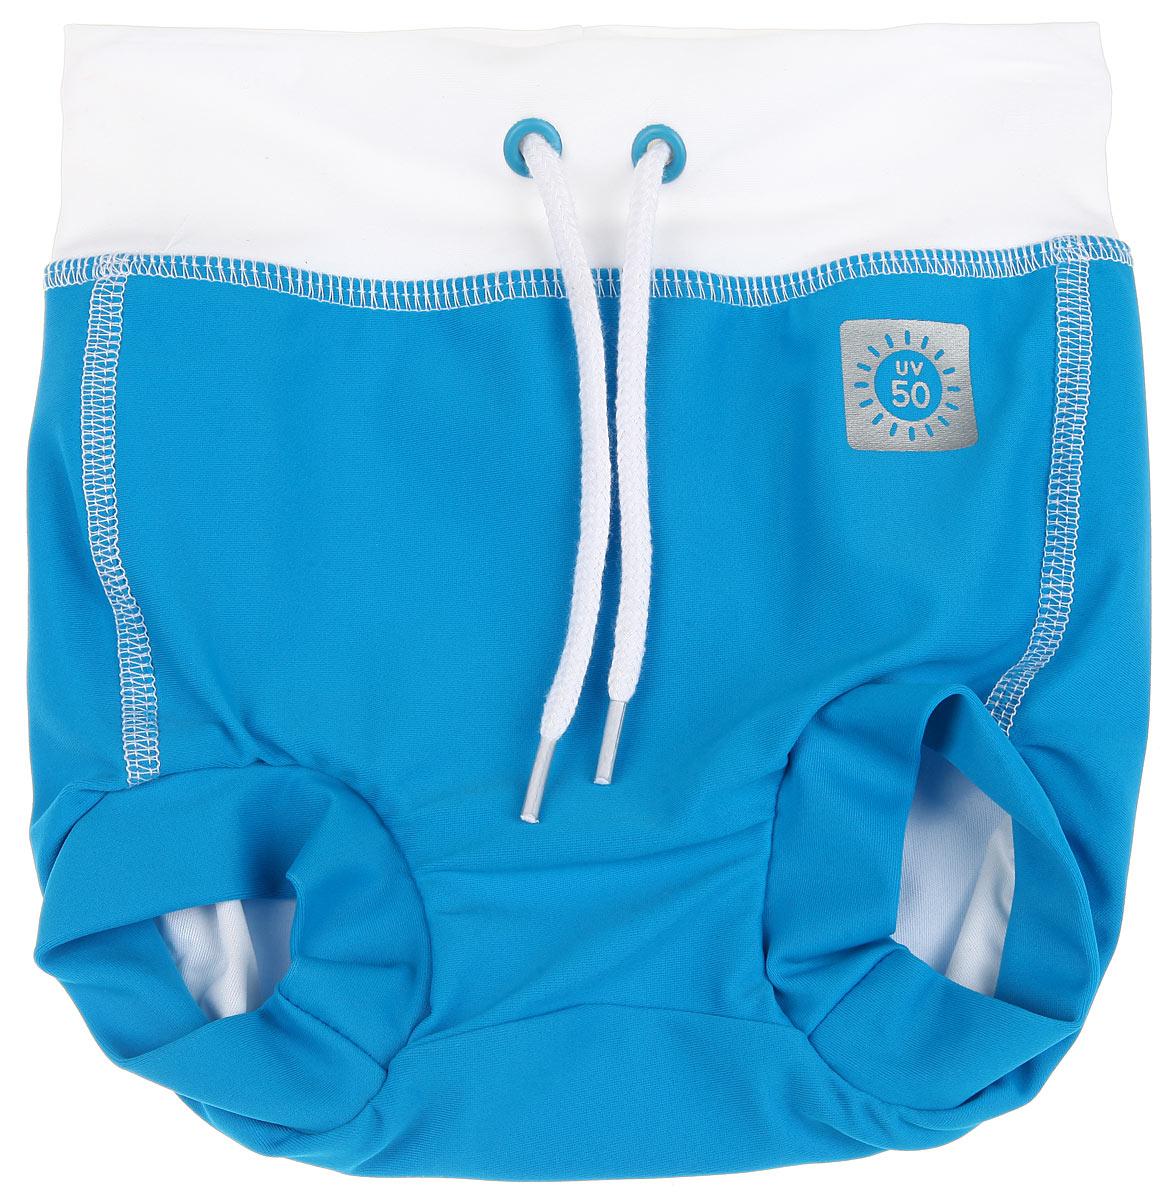 Плавки-шорты для новорожденного Swimming Trunks. 582018582018_2310Плавки-шорты для новорожденного Reima Swimming Trunks предназначены для веселого и беззаботного купания вашего ребенка. Плавки под подгузник изготовлены из высококачественного материала с УФ-фильтром 50+, что обеспечивает эффективную защиту от вредных солнечных лучей. Модель подходит как для бассейна, так и для пляжа. Плотная посадка по ногам и на поясе вместе с непромокаемой подкладкой из 100% полиэстера оградят от неприятных сюрпризов. Эластичный пояс можно регулировать для большего удобства и хорошей подгонки по фигуре. Такие плавки-шорты идеально подойдут для вашего ребенка!